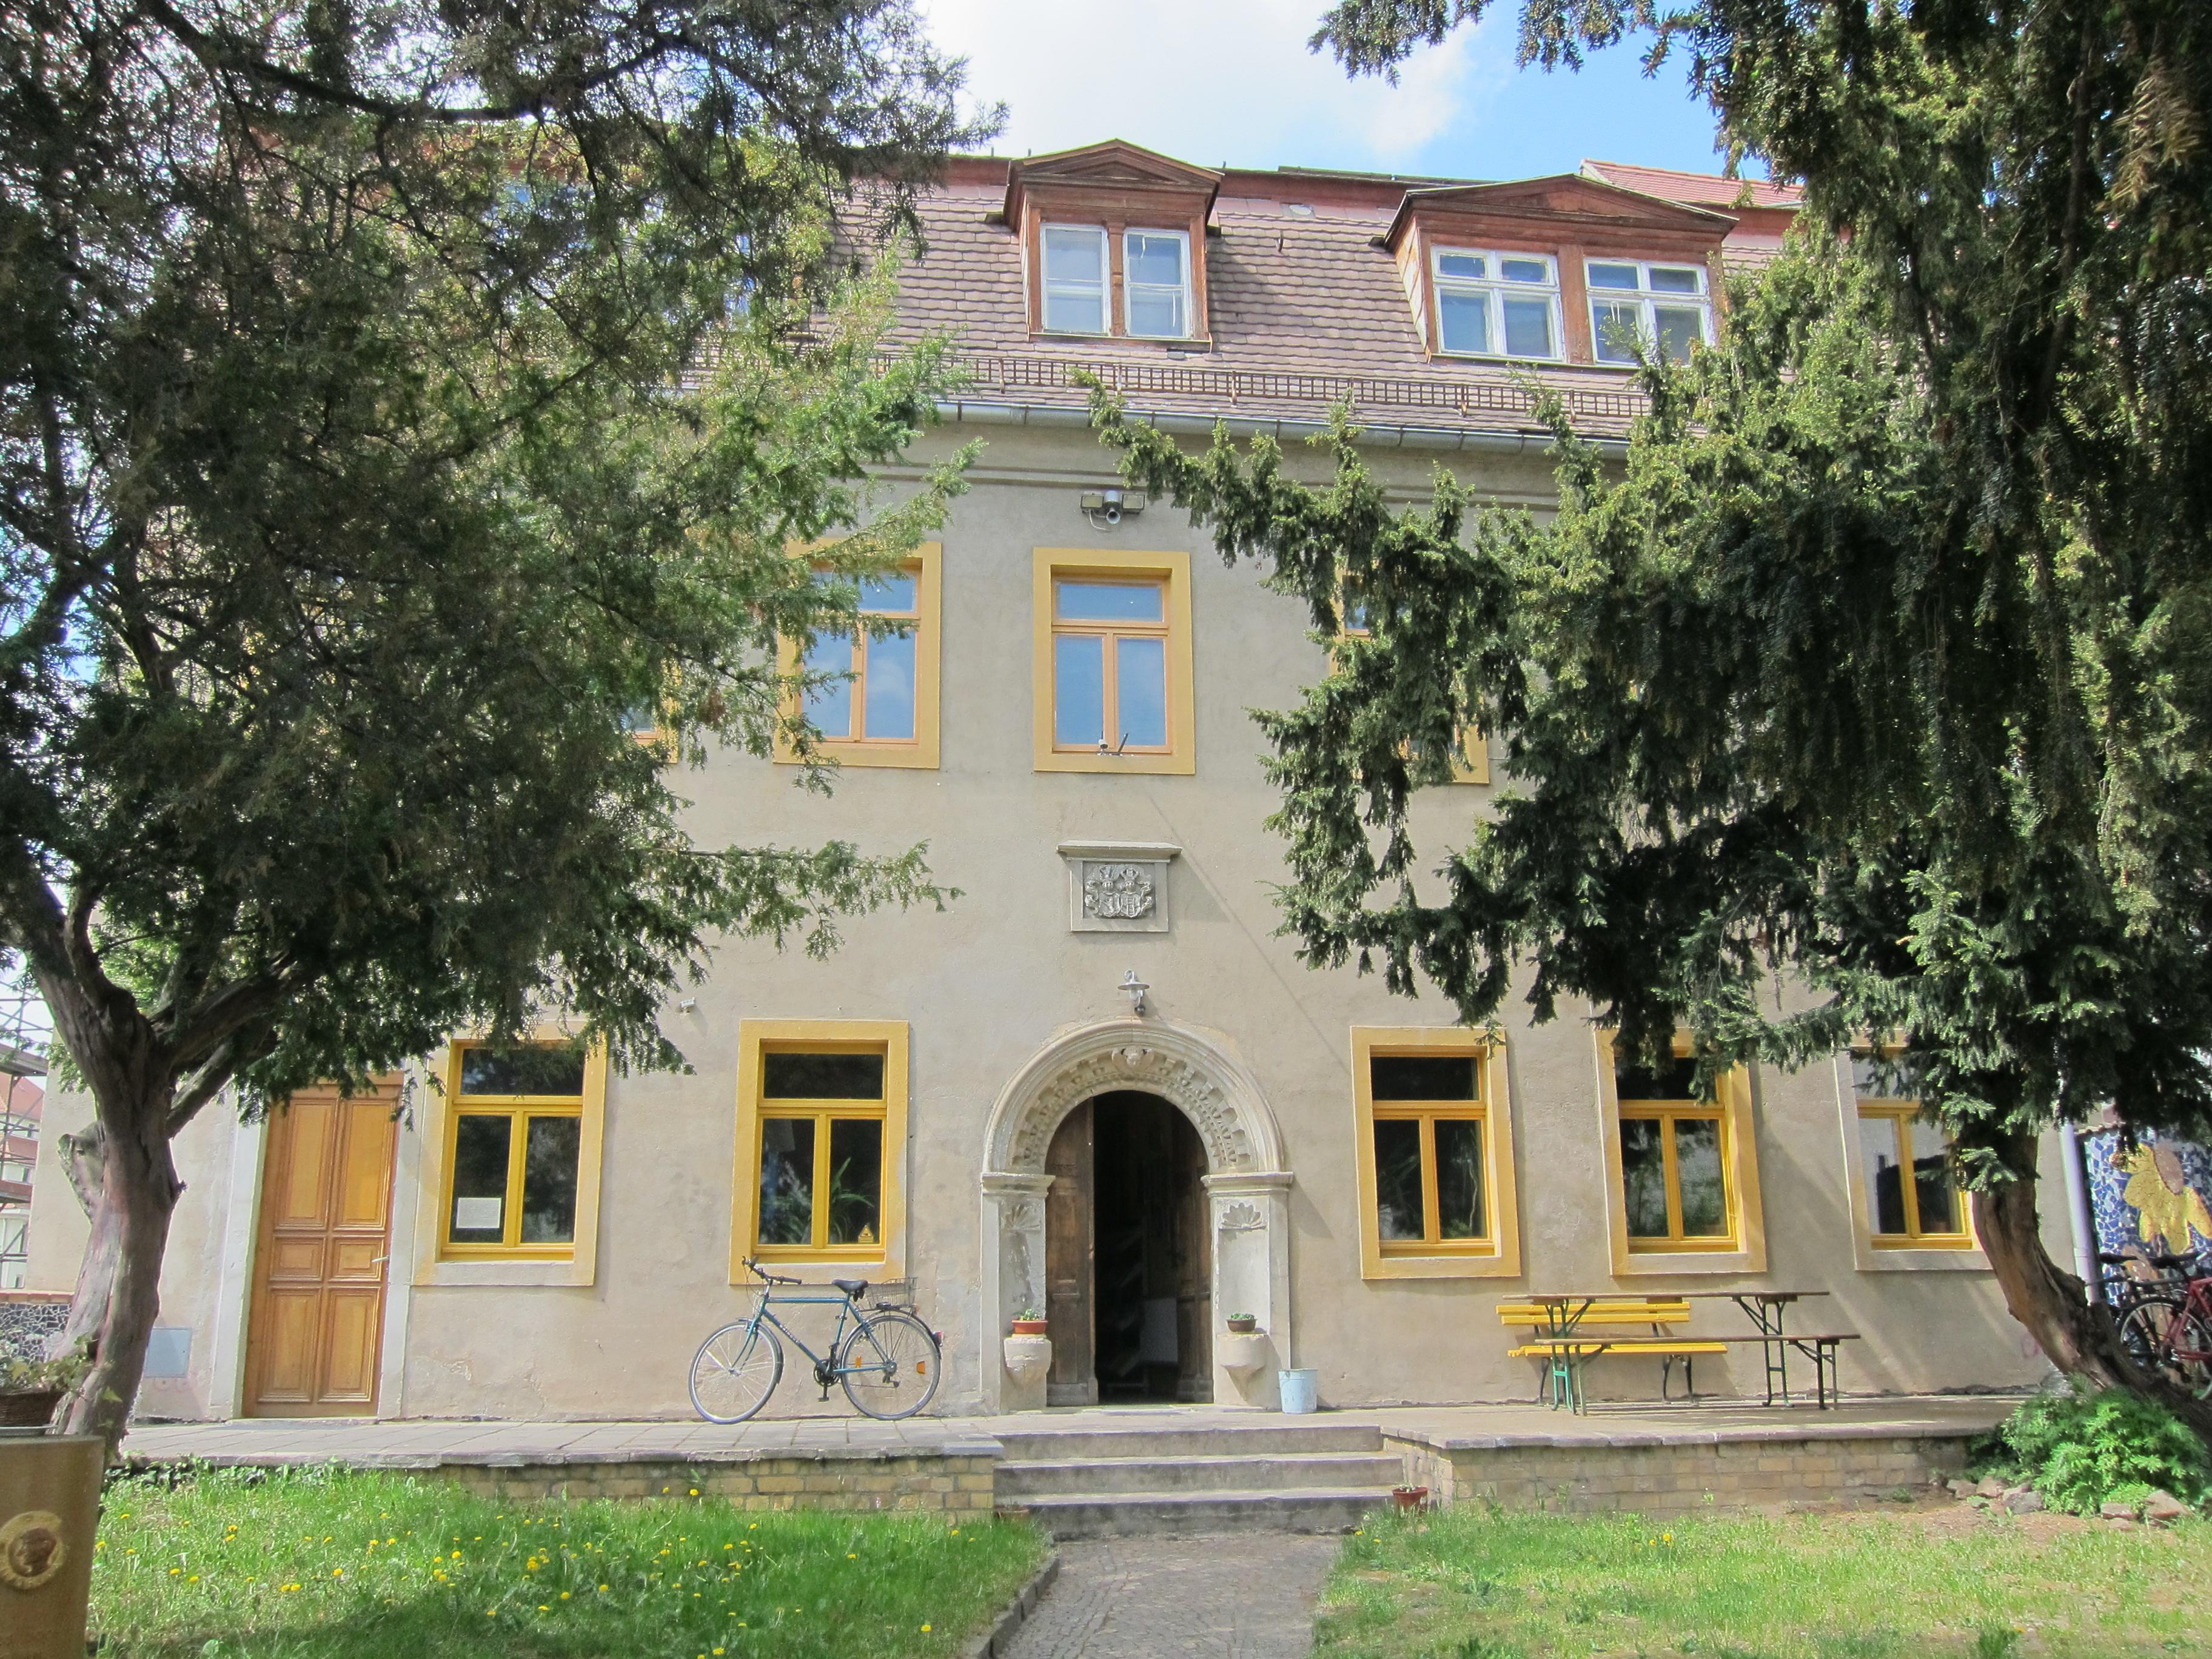 Wurzener Vereinsdomizil D5 für Nachbarschaftspreis nominiert